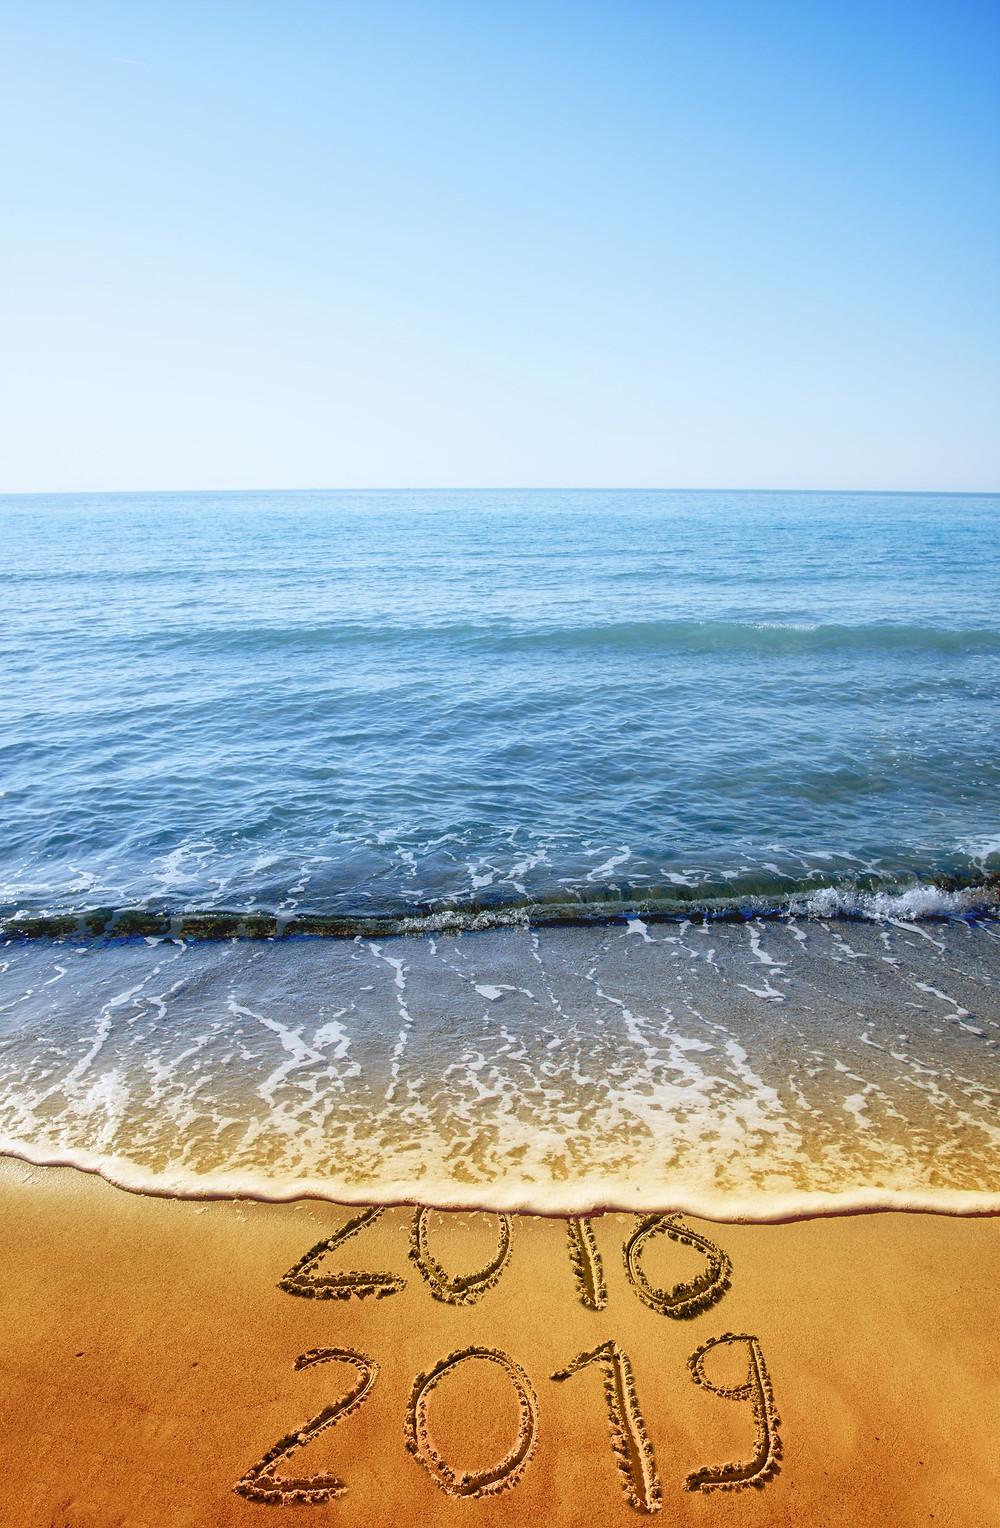 2019 on a beach